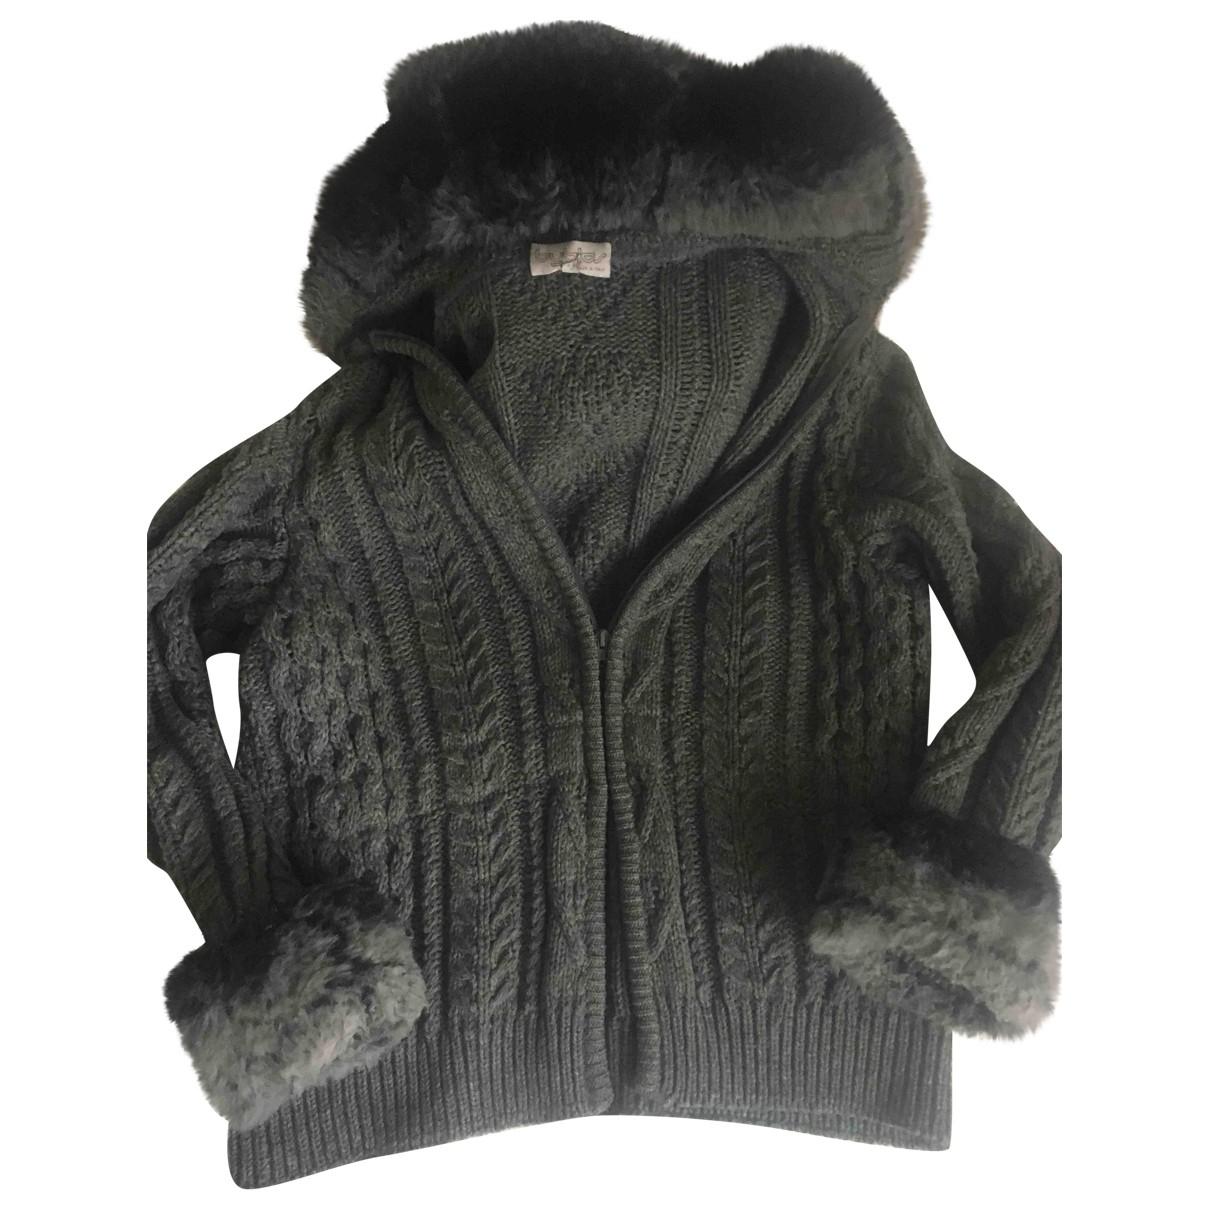 Byblos \N Jacke in  Grau Wolle